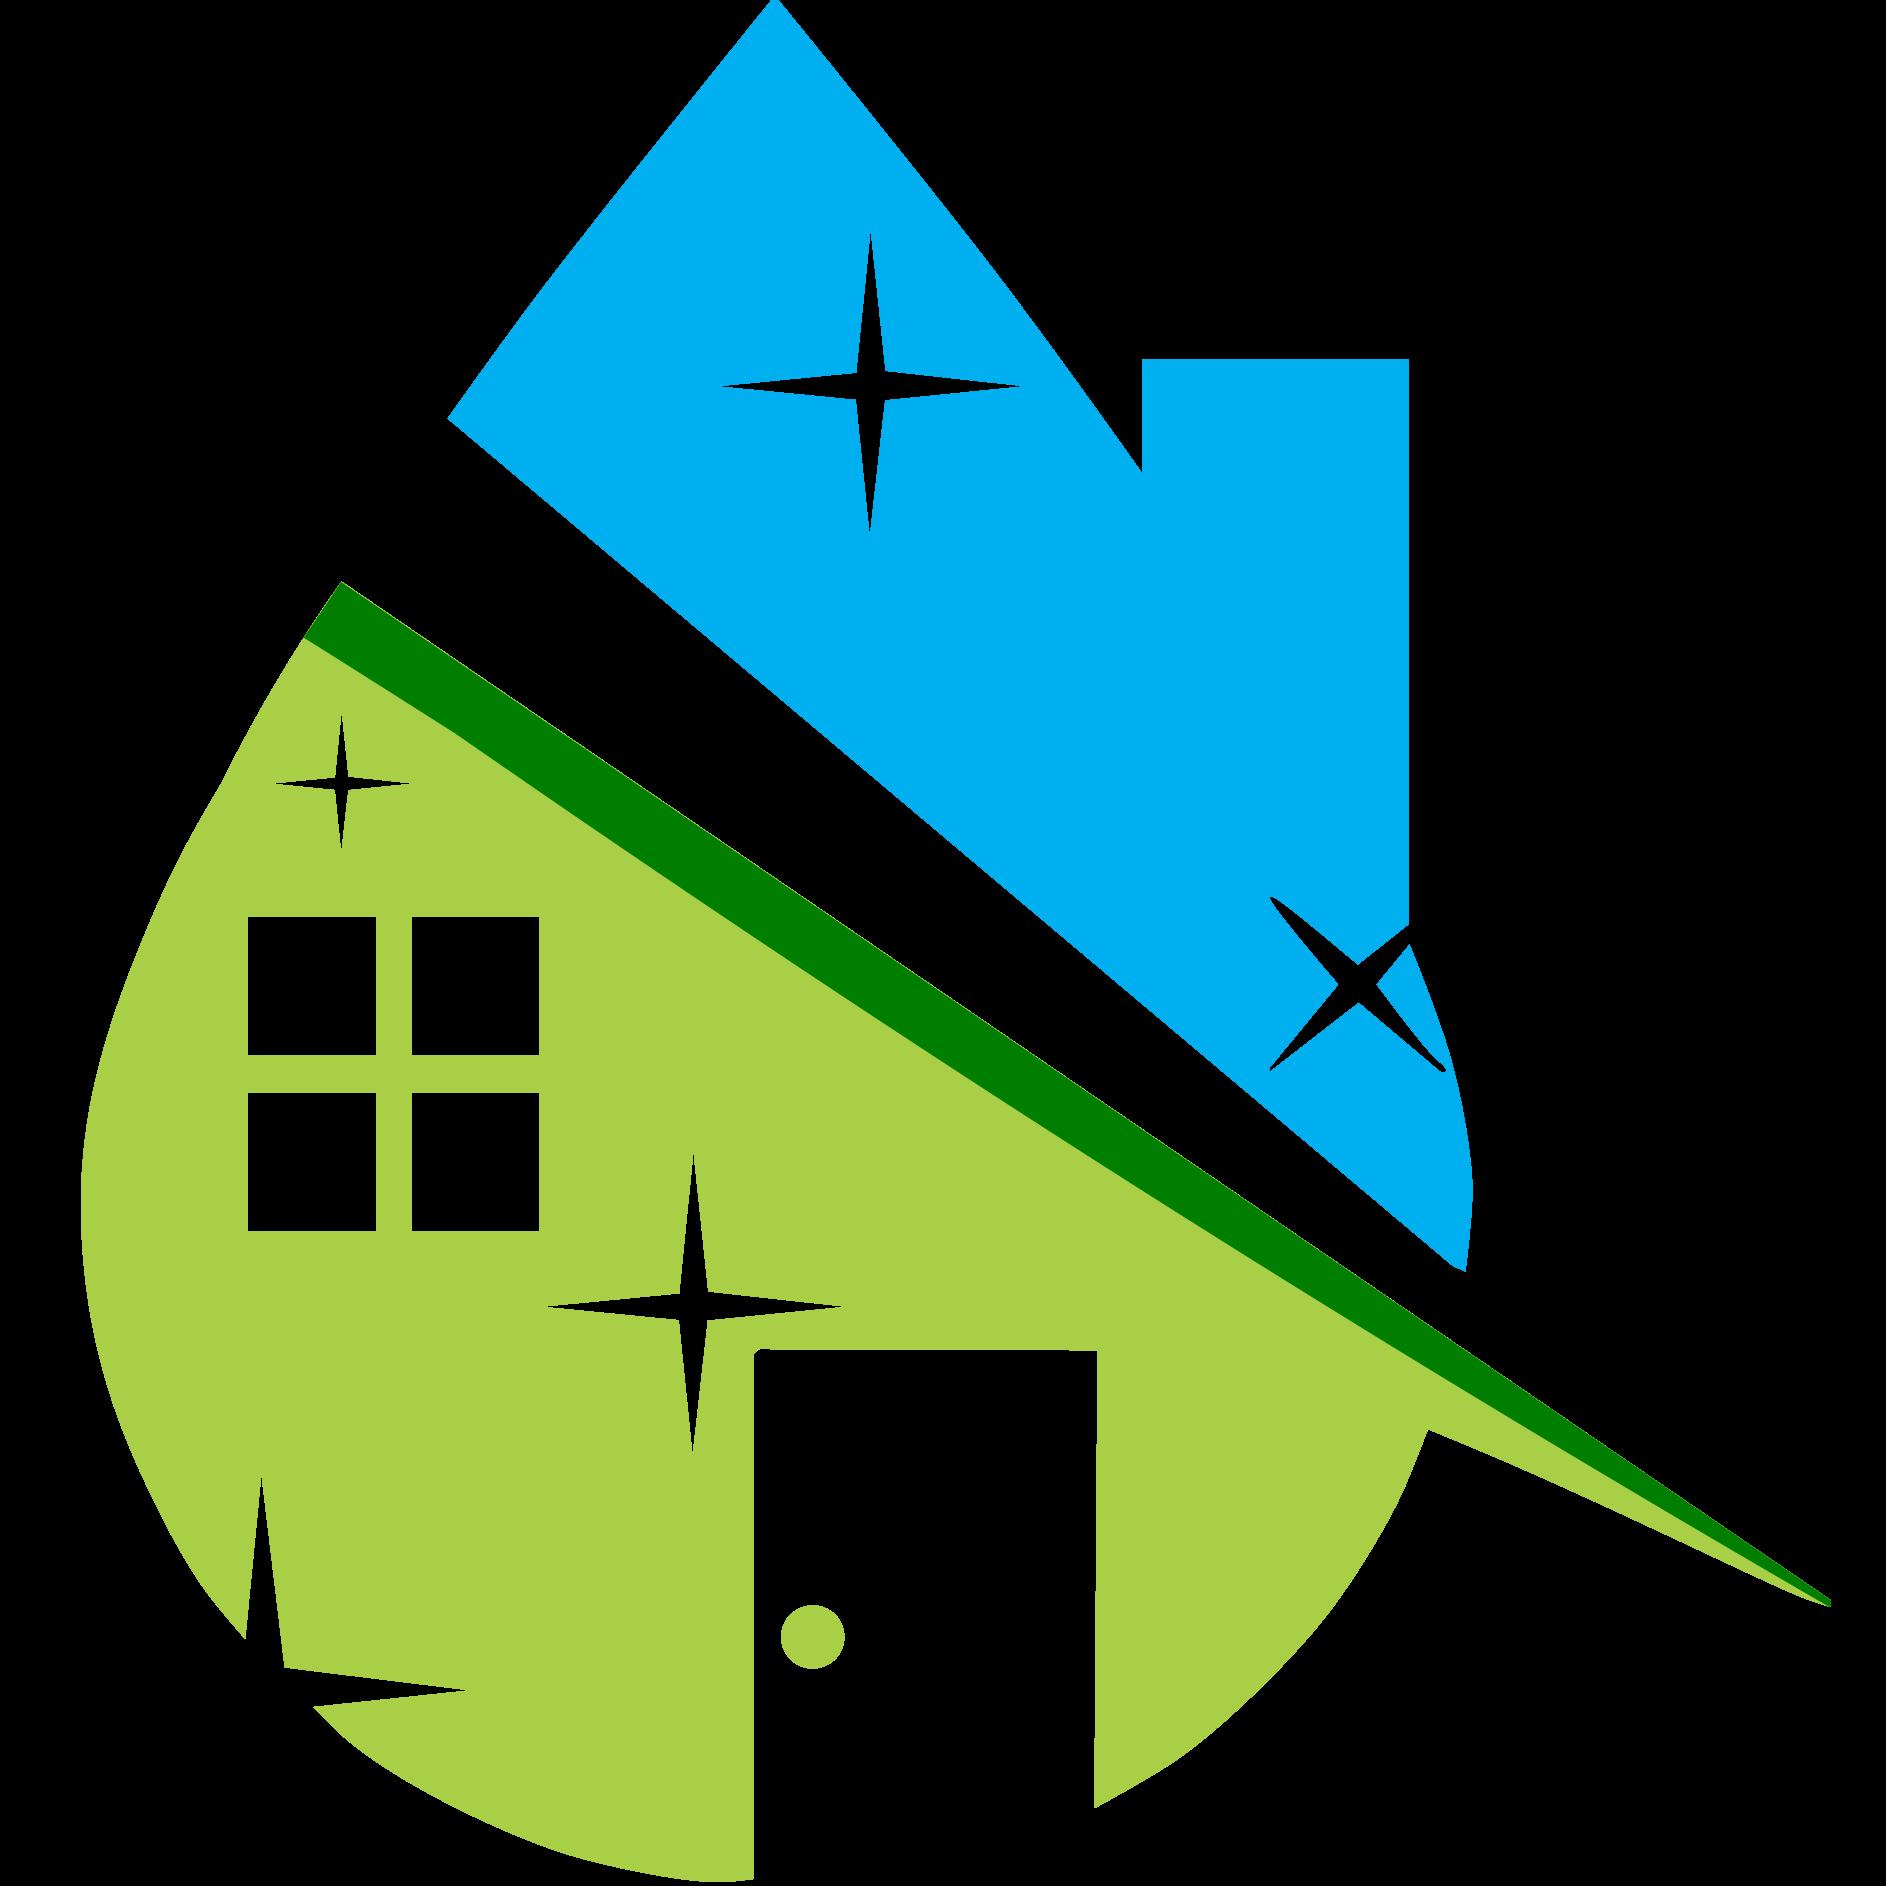 Keen_HiChem_logo